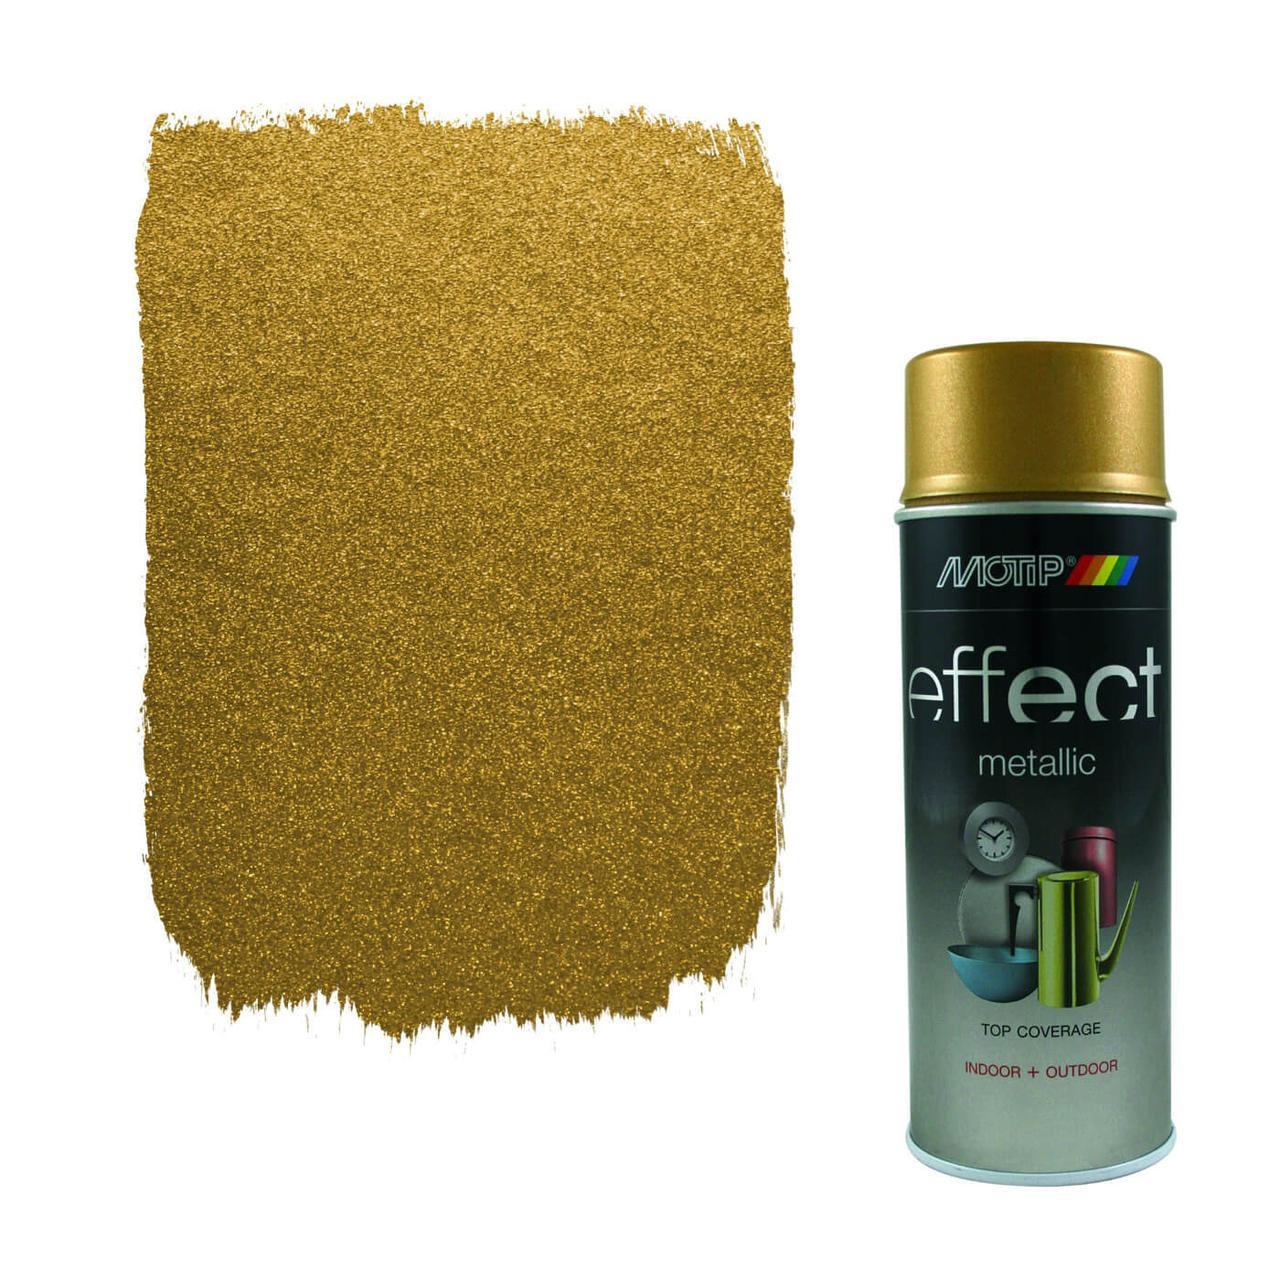 Эмаль с эффектом металлик Motip Deco Effect, 400 мл Аэрозоль Золотистый